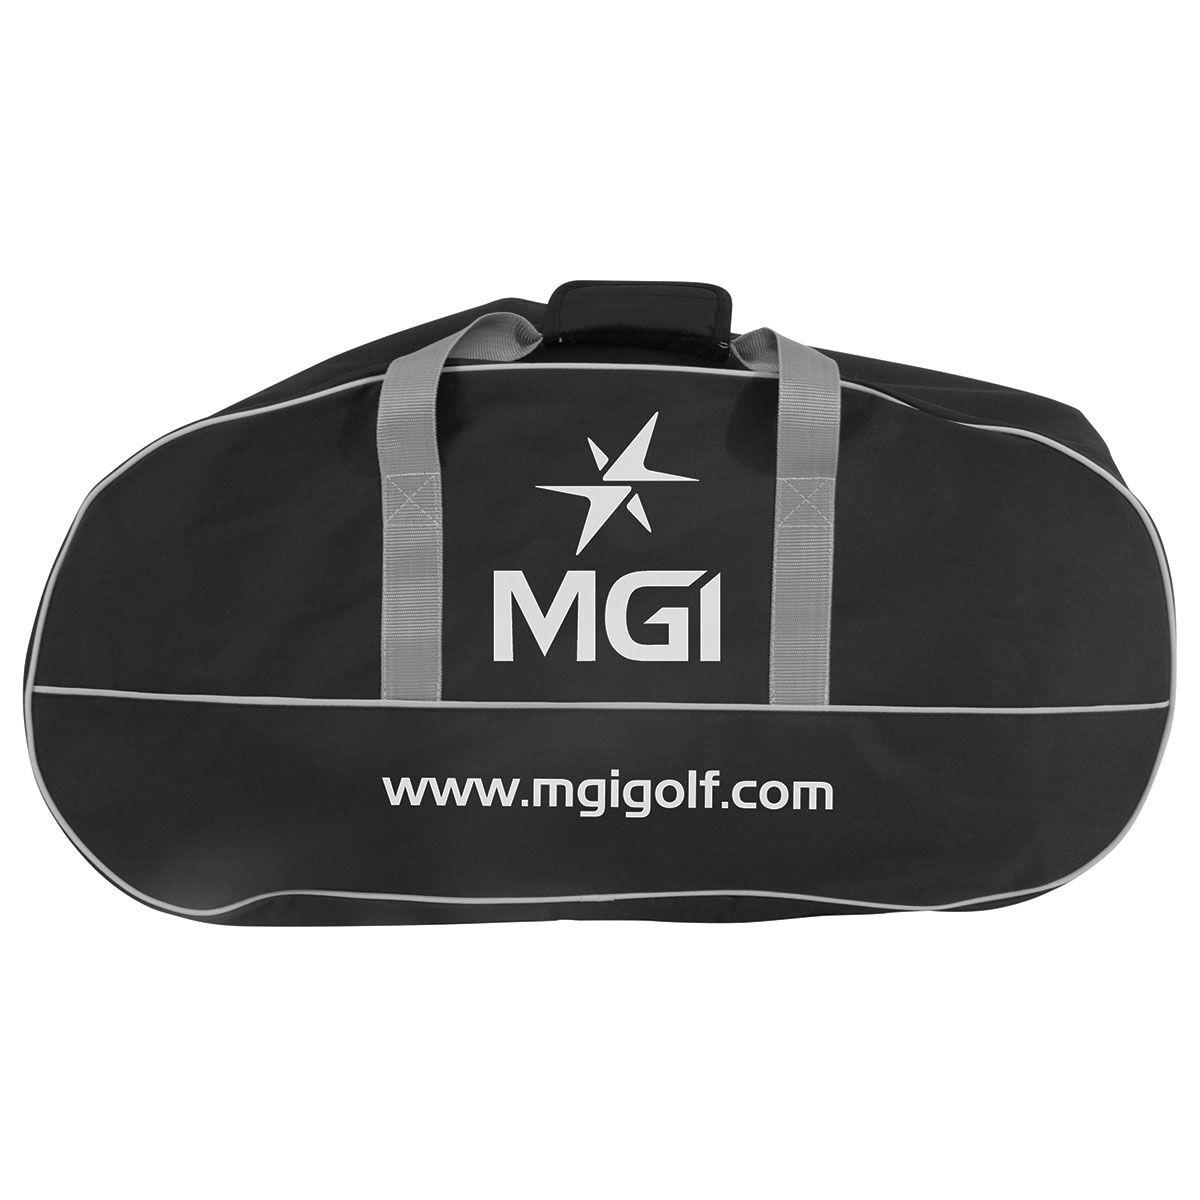 MGI Golf MGI Zip Travel Bag, Male, Black, One Size   American Golf